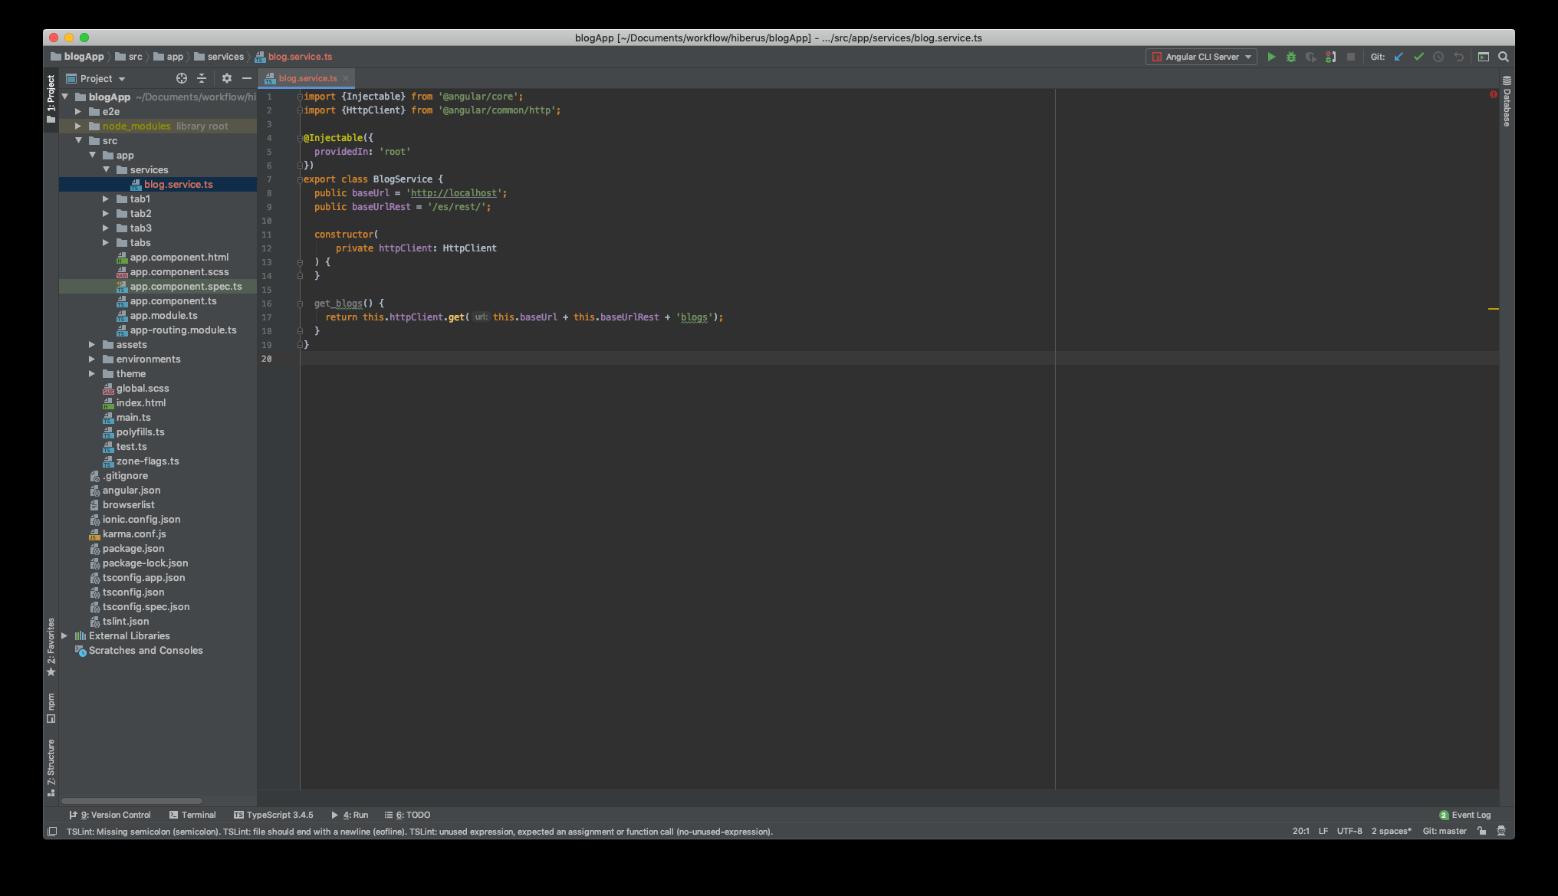 Imagen para explicar la creación del servicio encargado de llamar al API REST